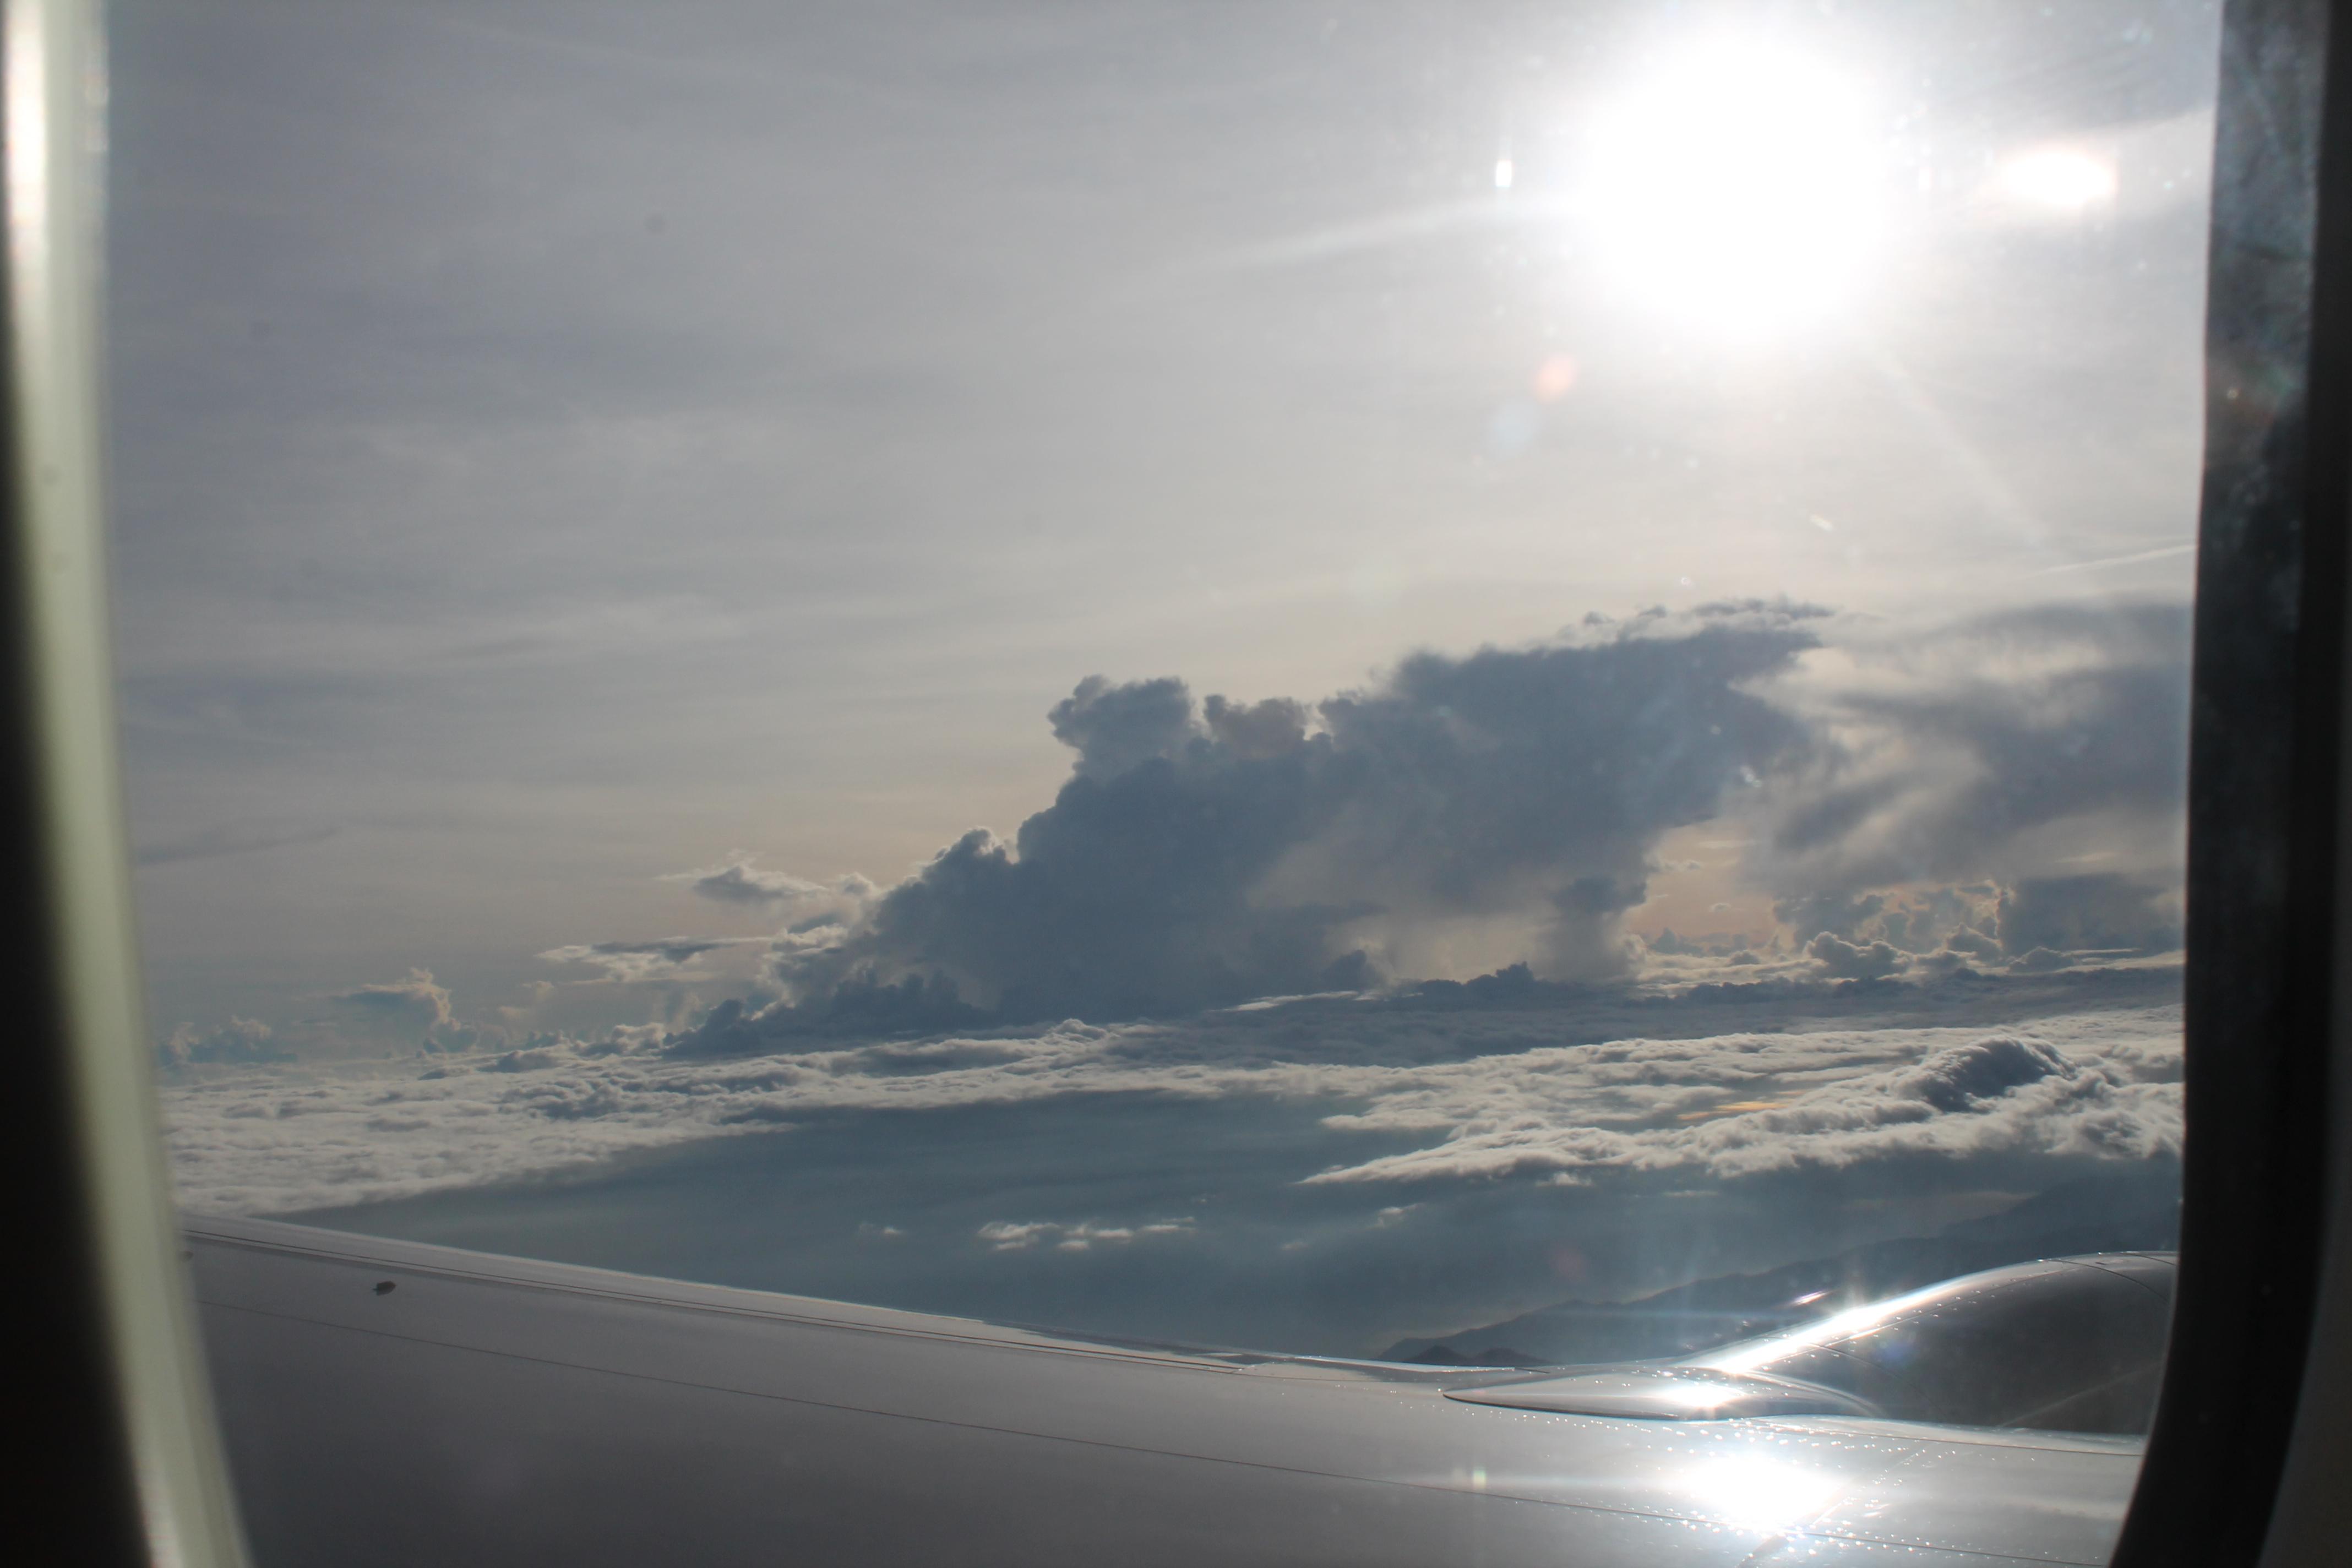 Bandara Garasi Wamena 2 Drprita1 Fajar Jendela Pesawat Tengah Hutan